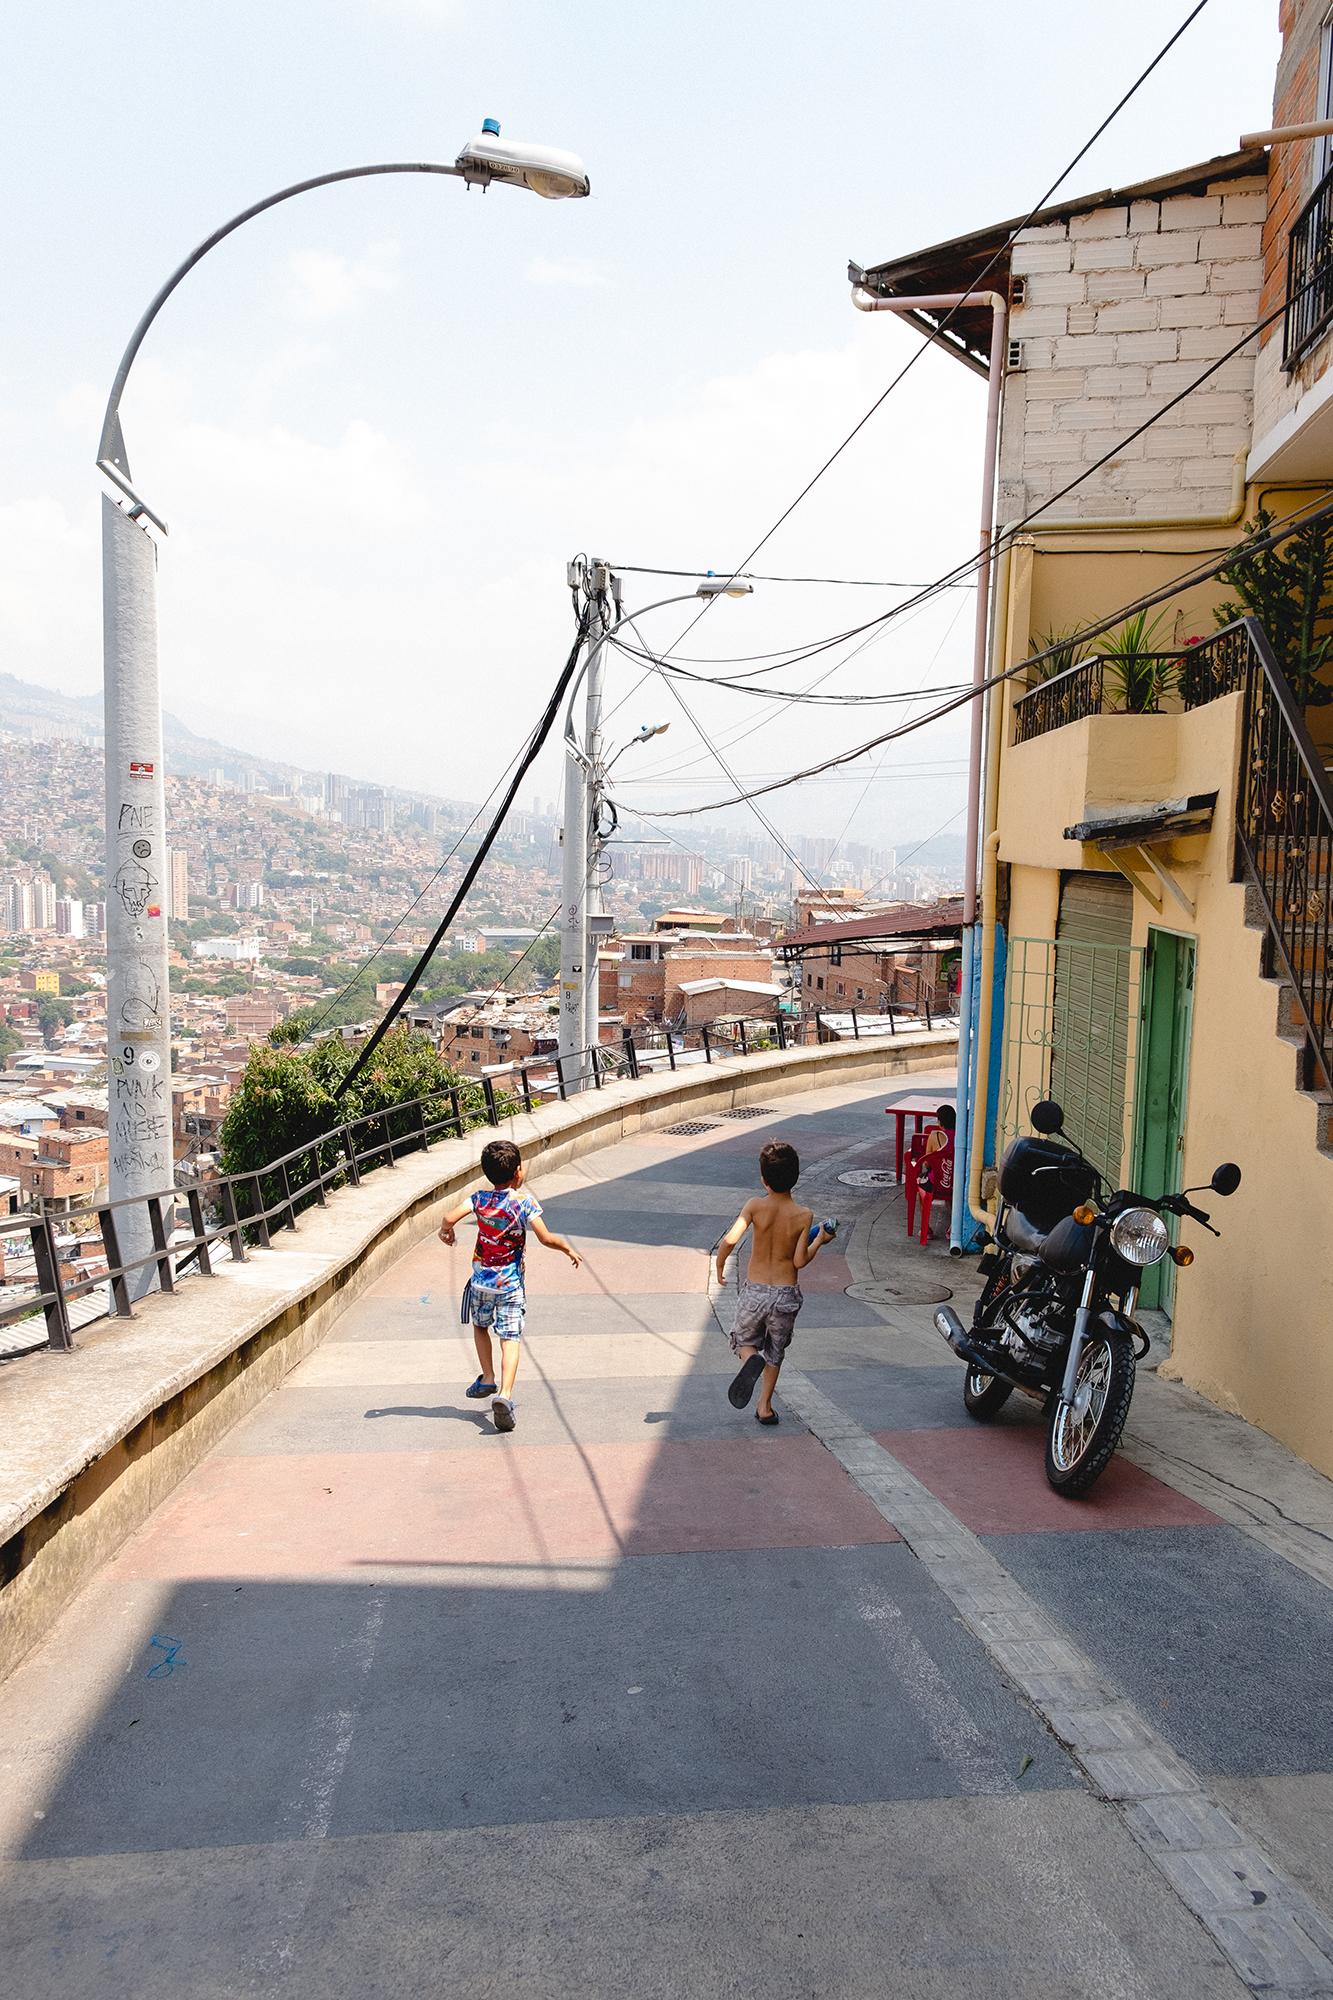 201902_WWT_Colombia_DSCF9396.jpg